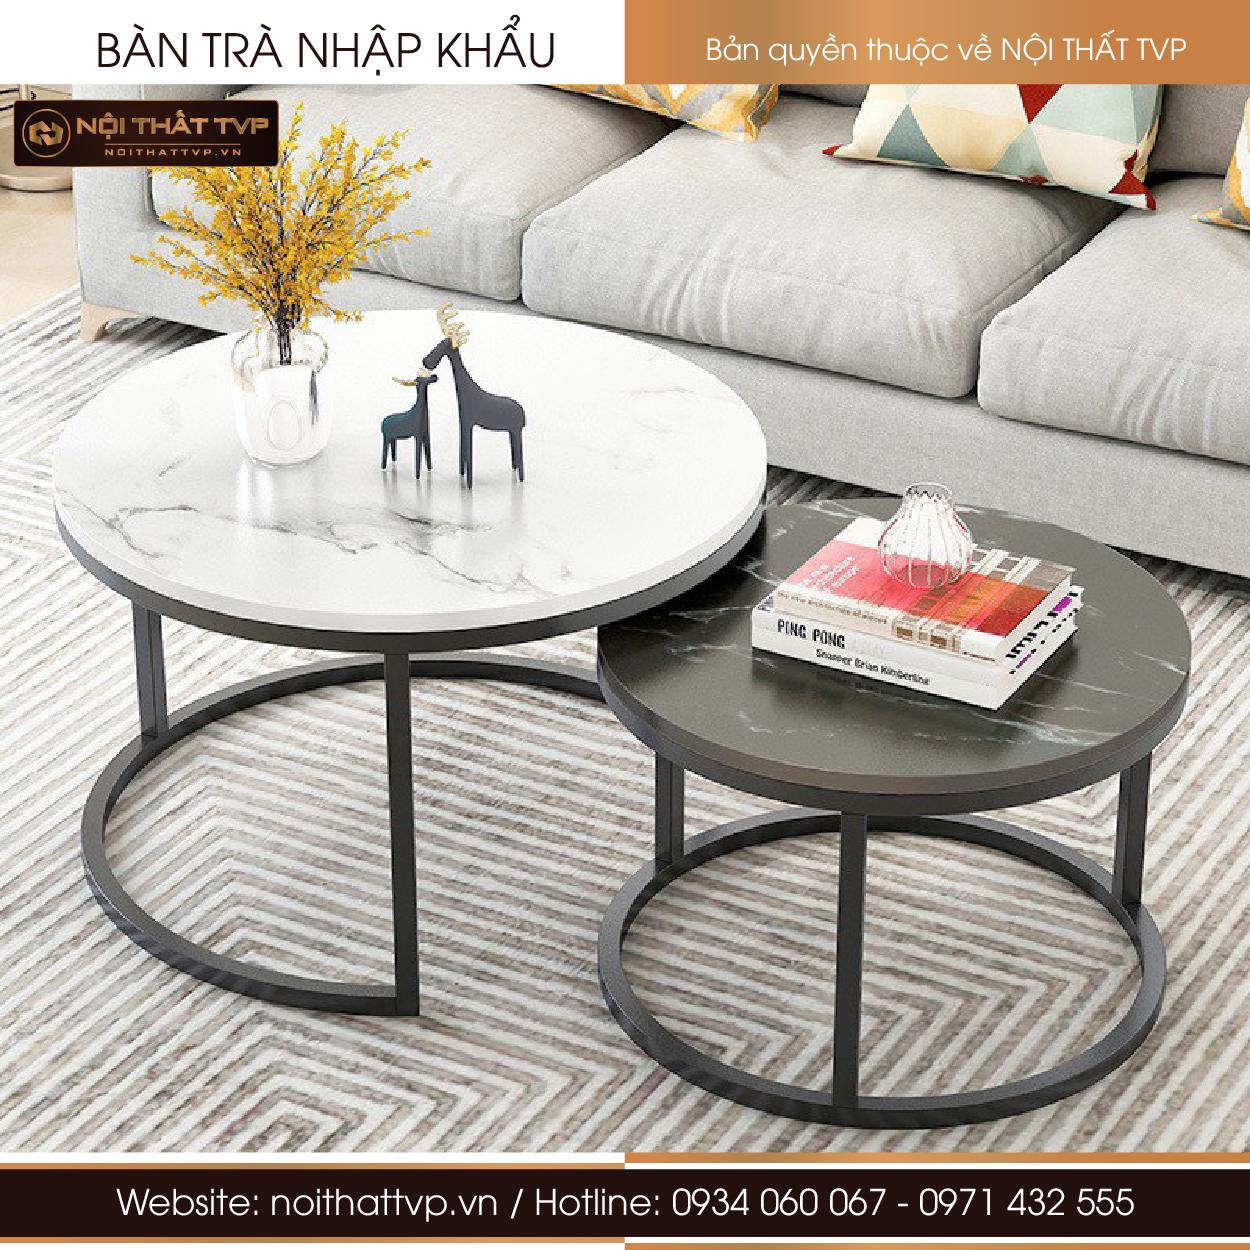 bàn sofa tròn đôi đá trắng và đen, chân sắt sơn đen